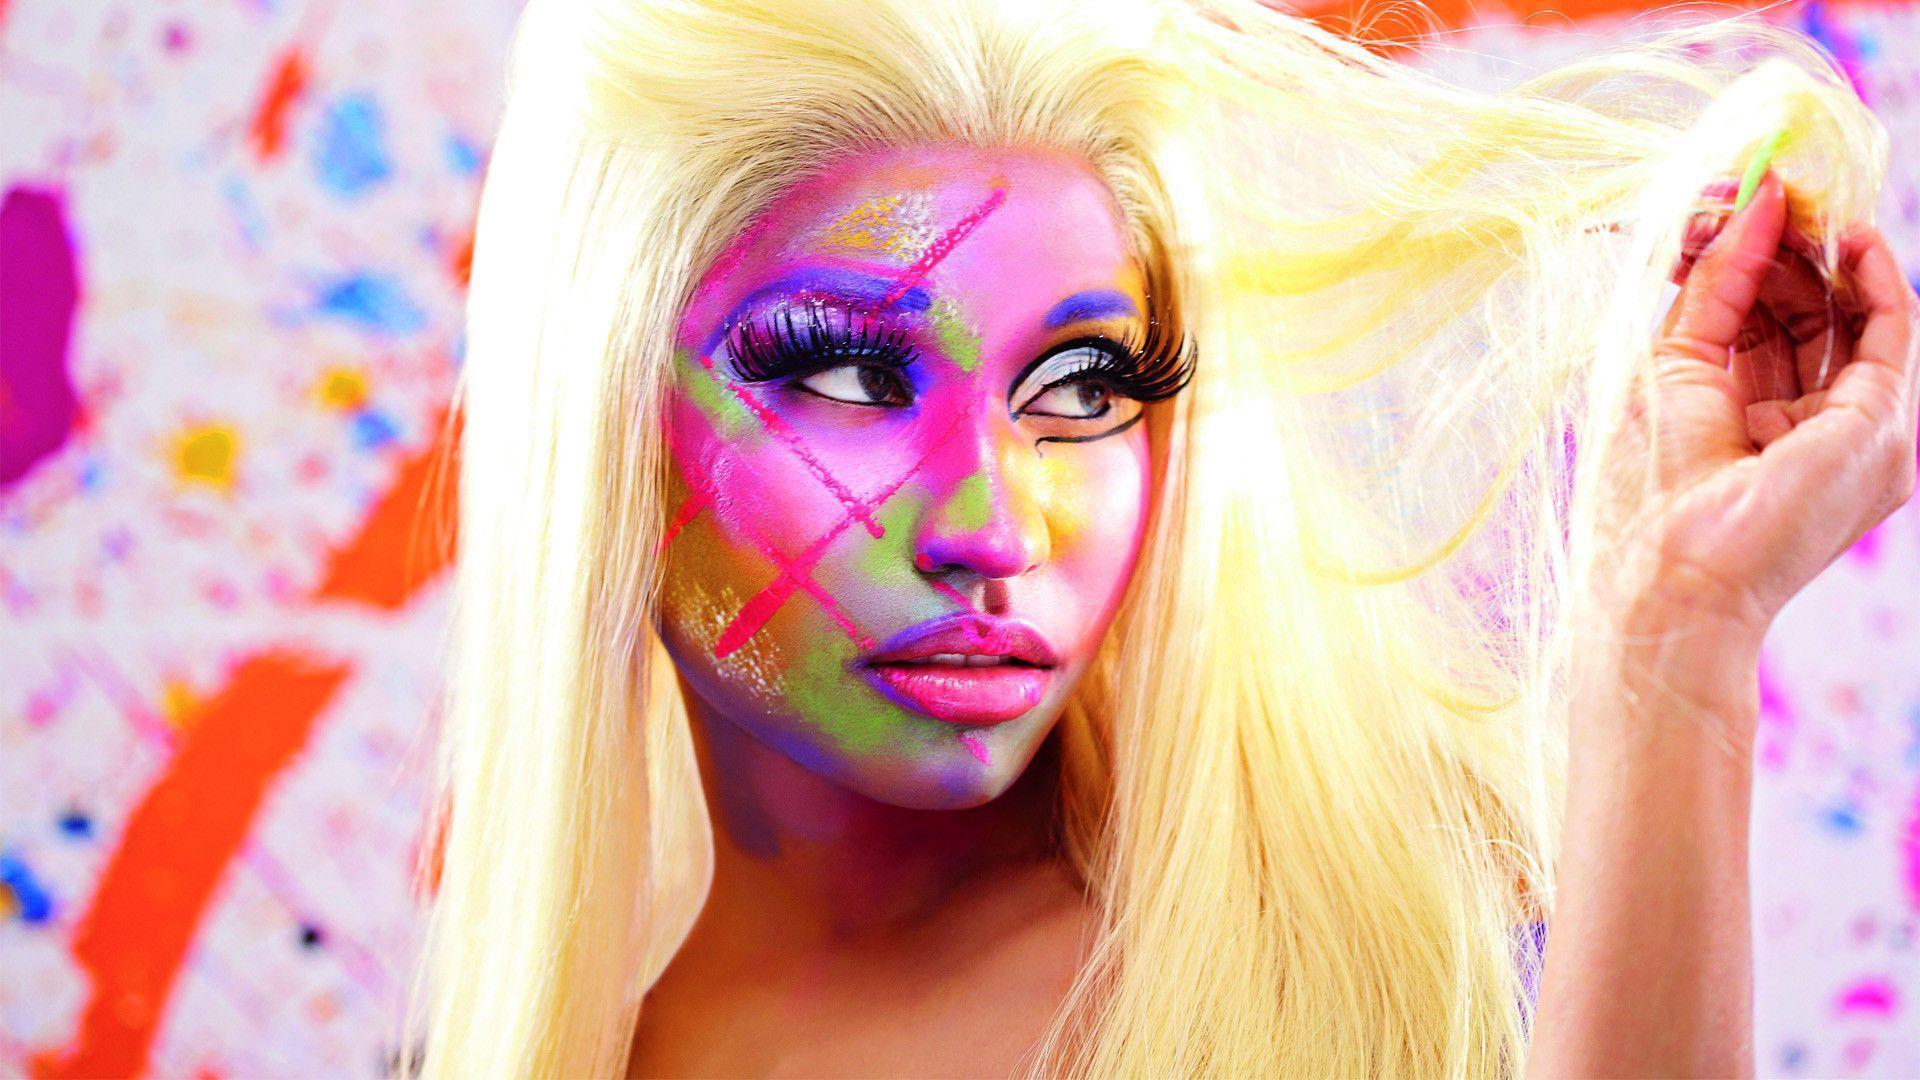 Nicki Minaj Wallpapers Top Free Nicki Minaj Backgrounds